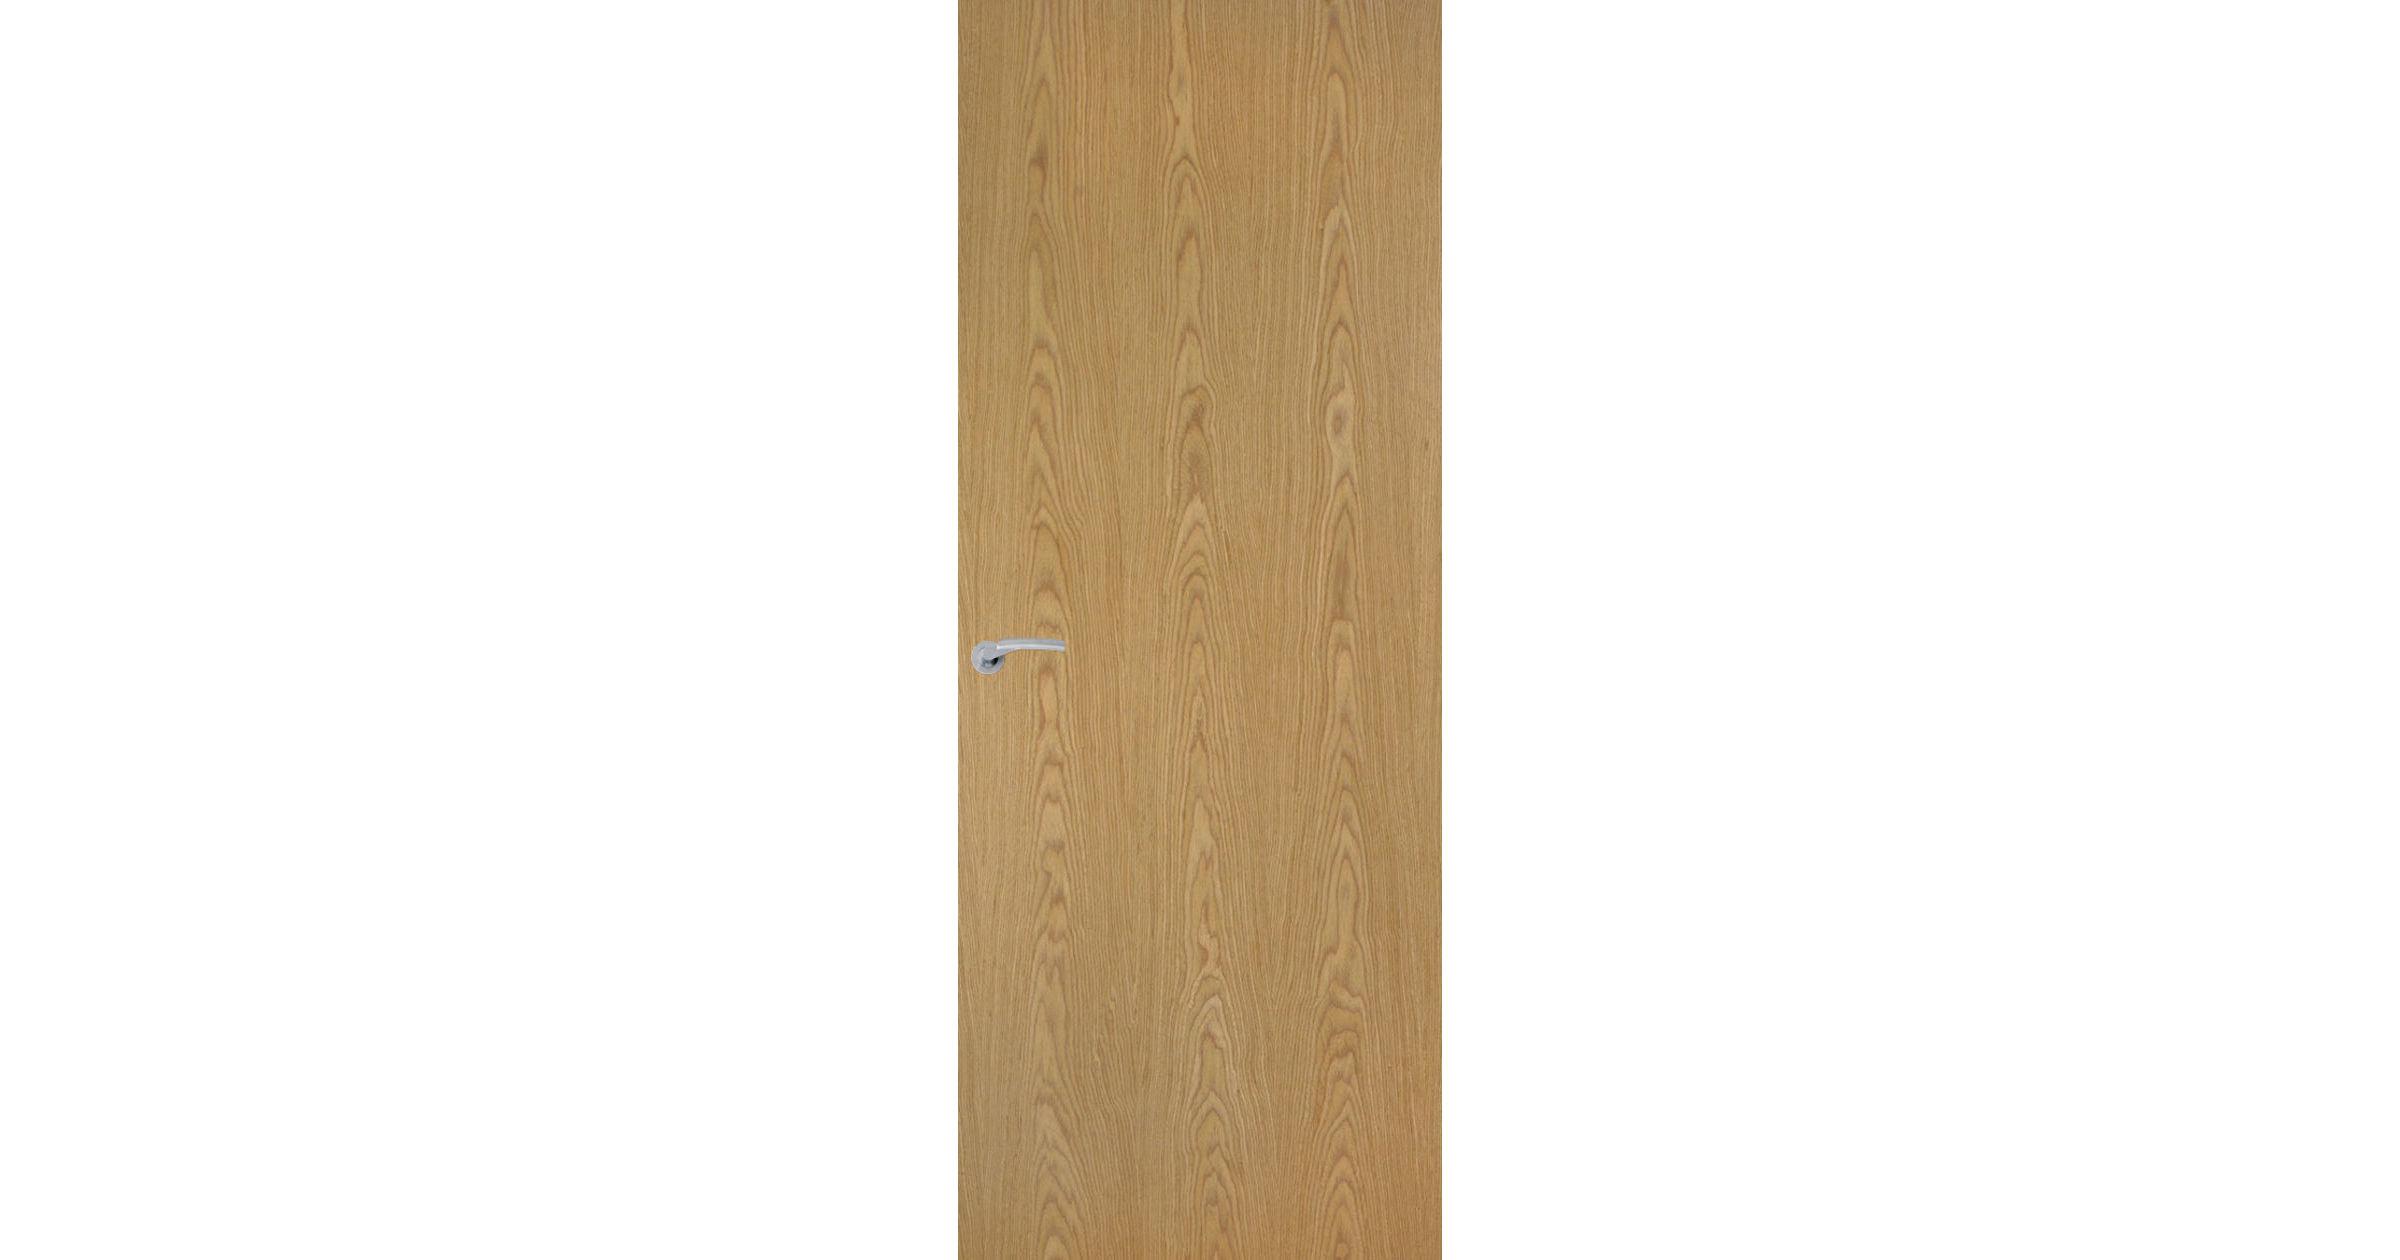 ... Oak Fireshield FD30 Fire Door ... & Walnut Veneer Match Fire Door - Fireshield FD30 44mm Internal Firecheck - Walnut colour Real-Veneer - Premdor®